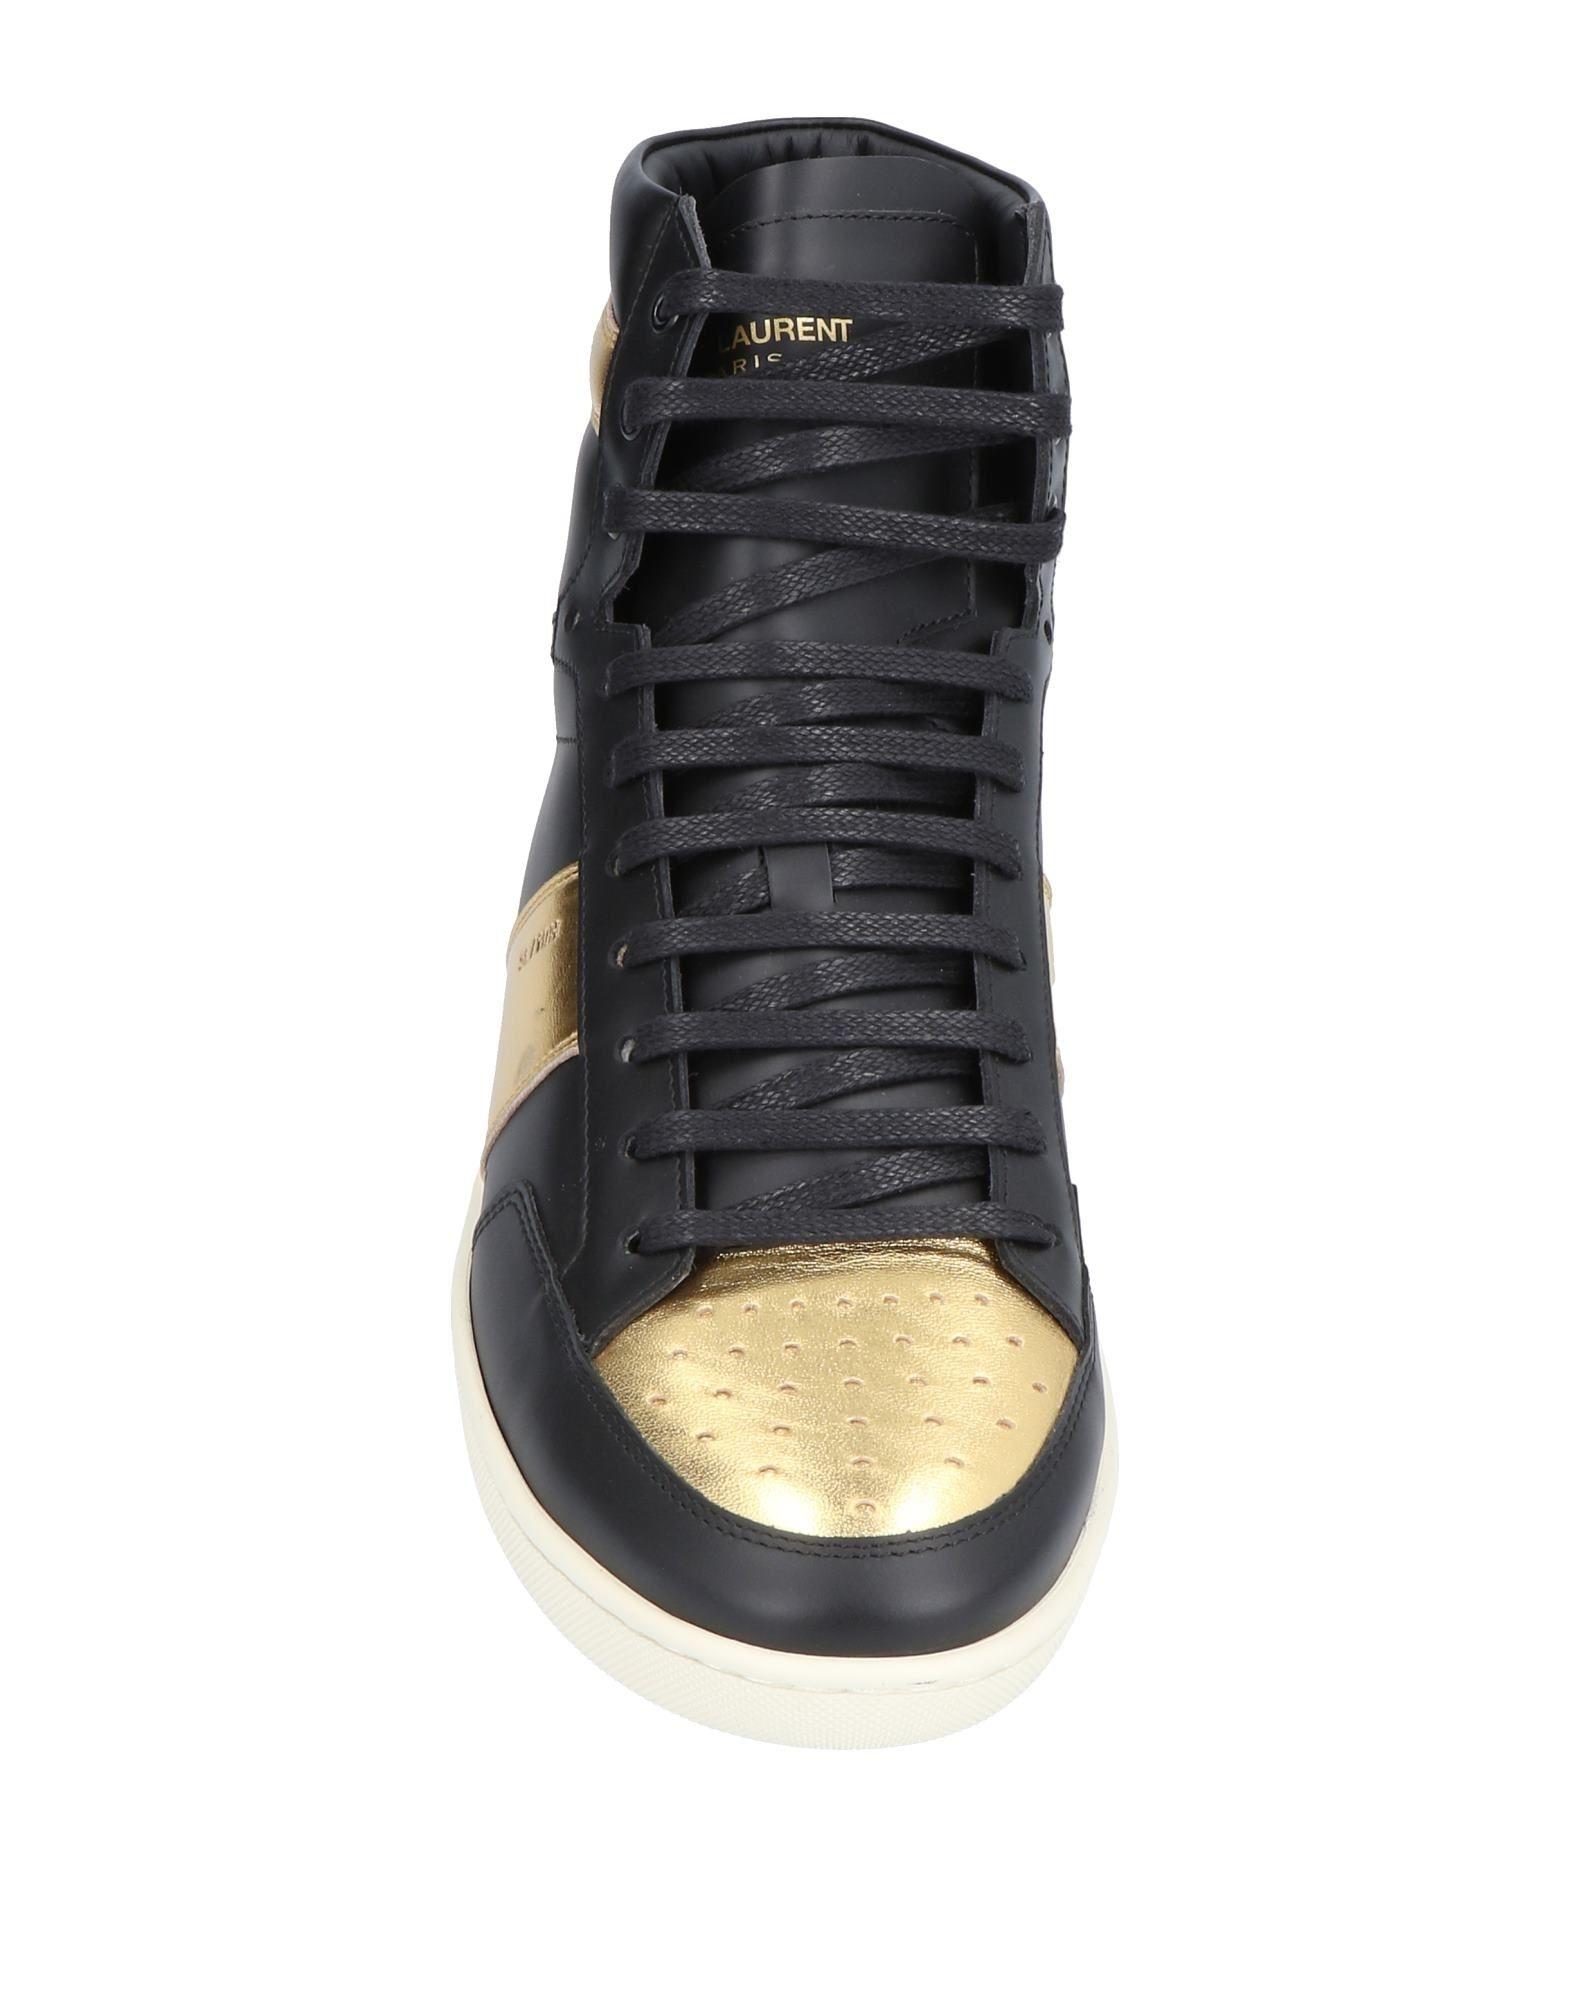 Saint Laurent Sneakers - Men Men Men Saint Laurent Sneakers online on  Australia - 11488991KT 61c477